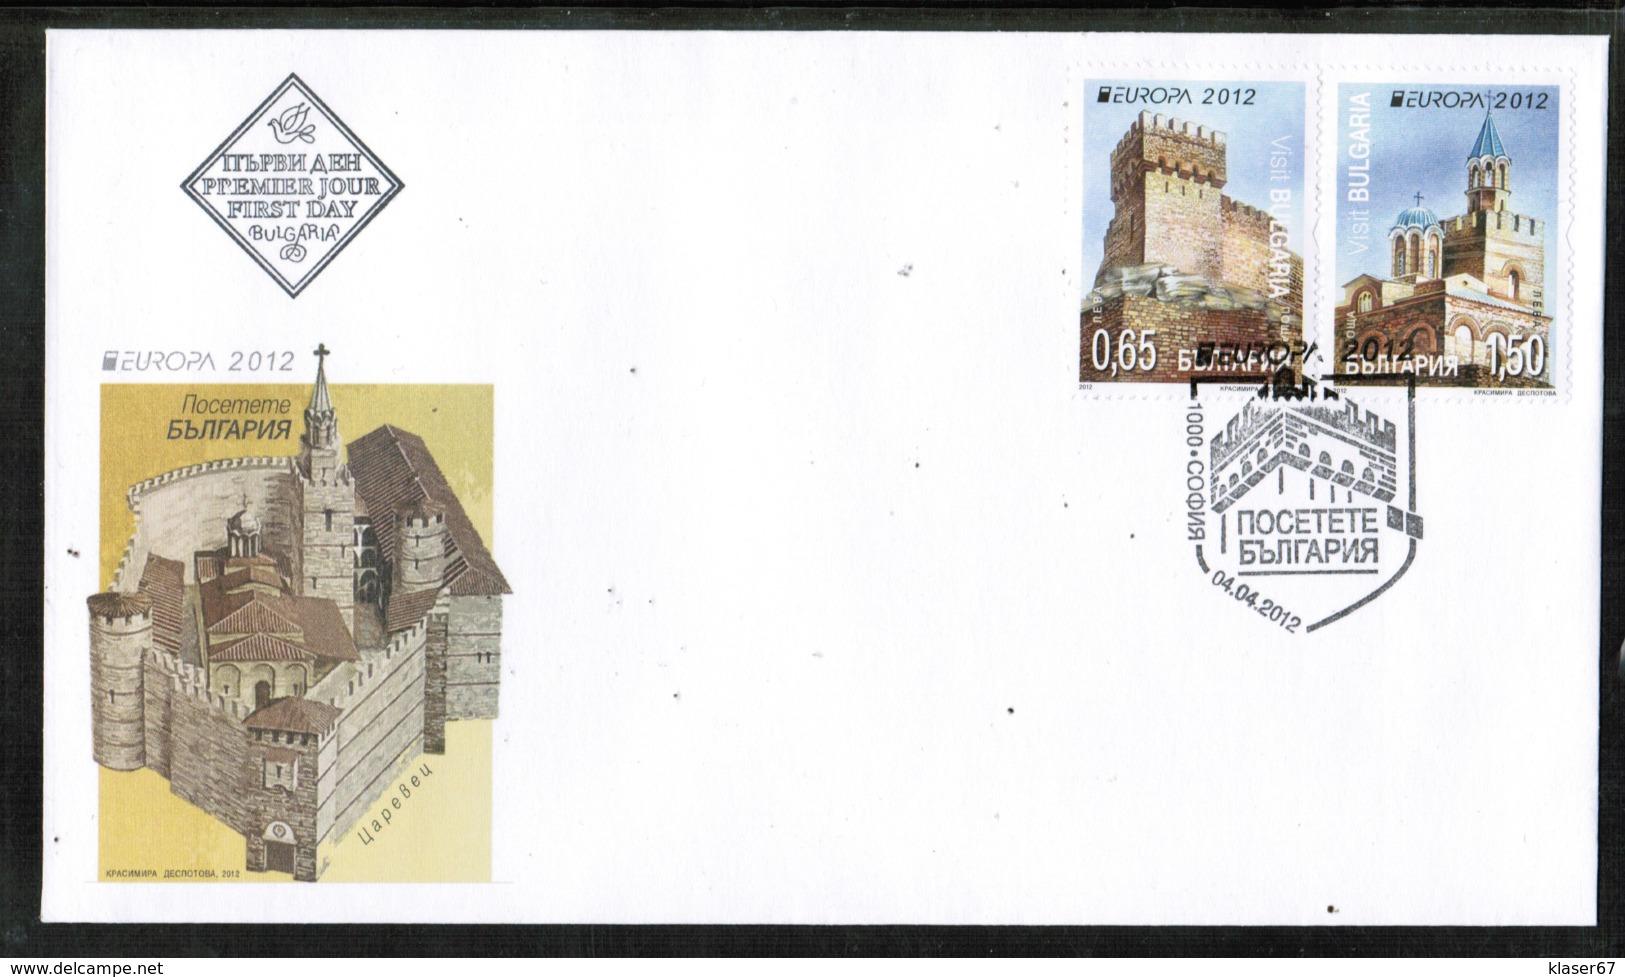 CEPT 2012 MI 5032-33 BULGARIA FDC - Europa-CEPT